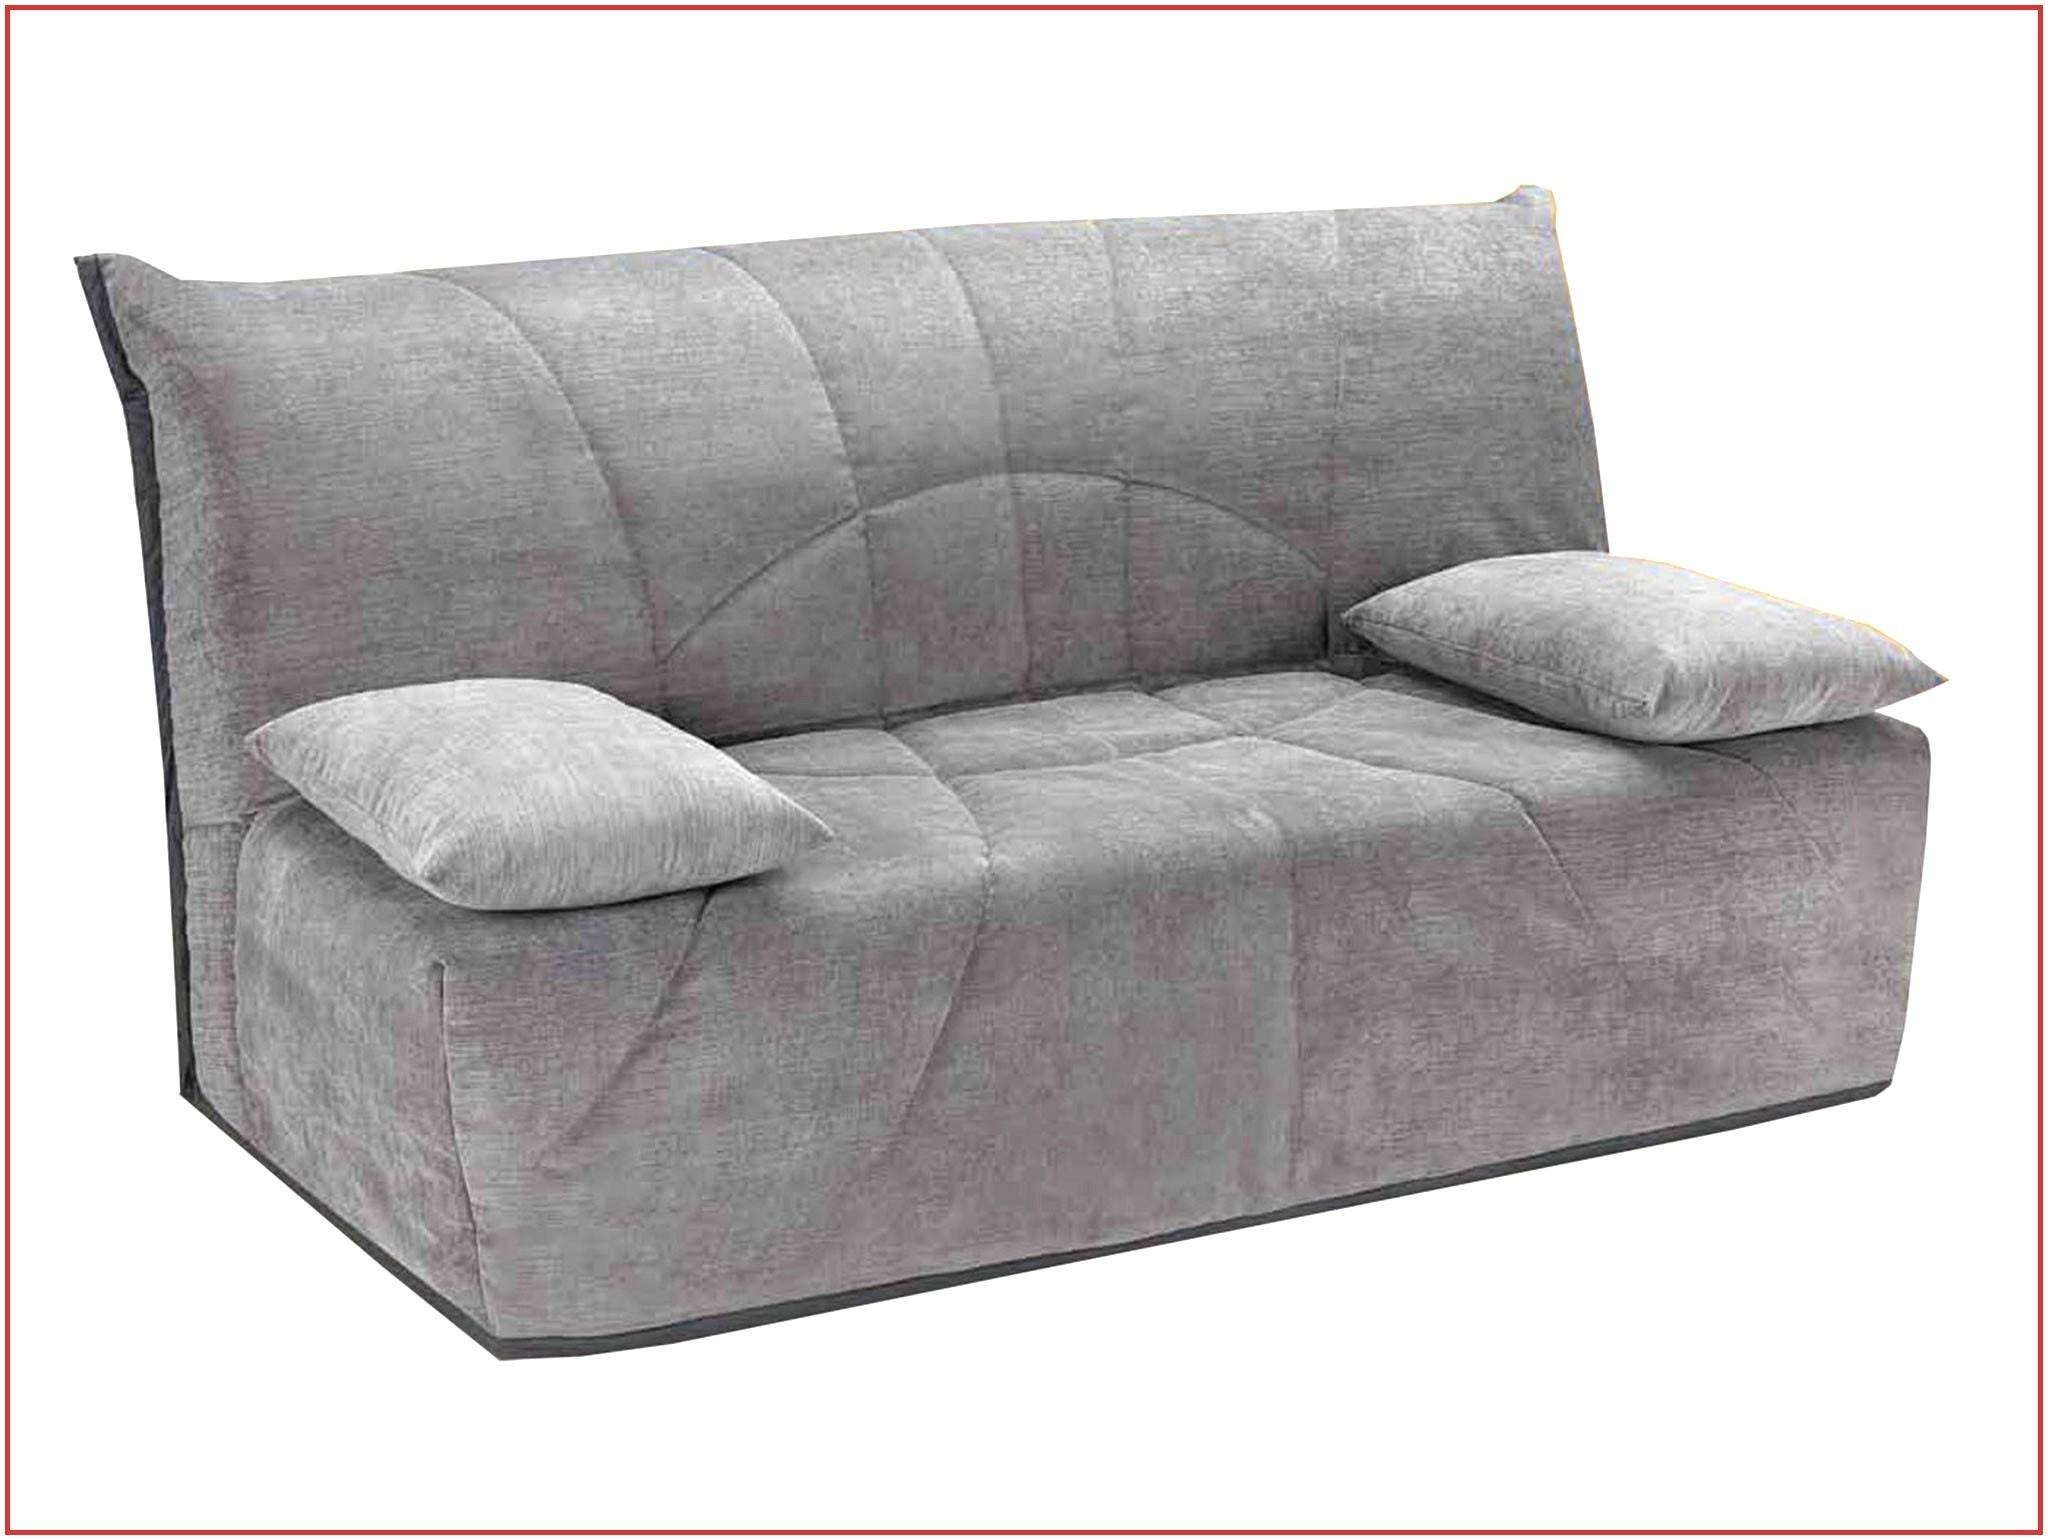 Housse Canapé Bz Ikea Frais Image 17 Nouveau Housse Canapé Clic Clac Clintonvillearts